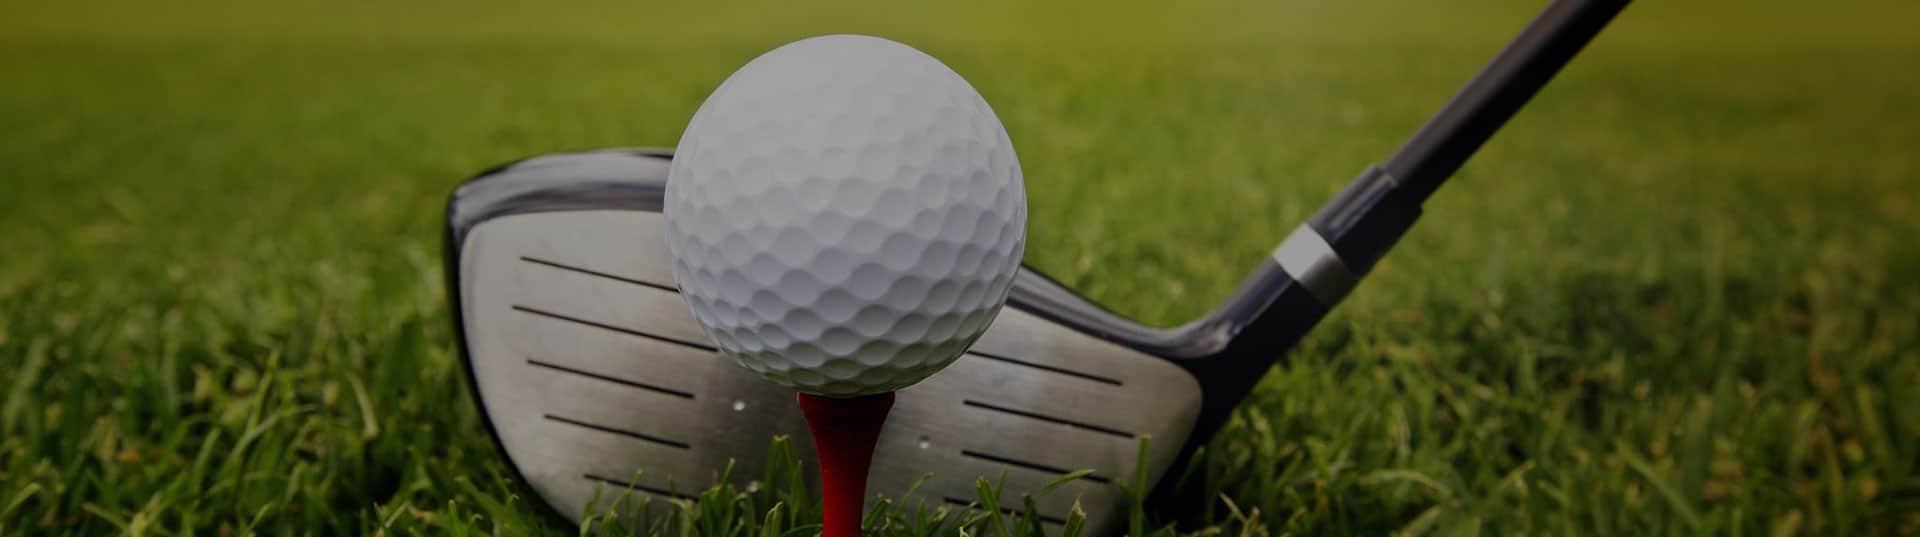 golfplatznetz